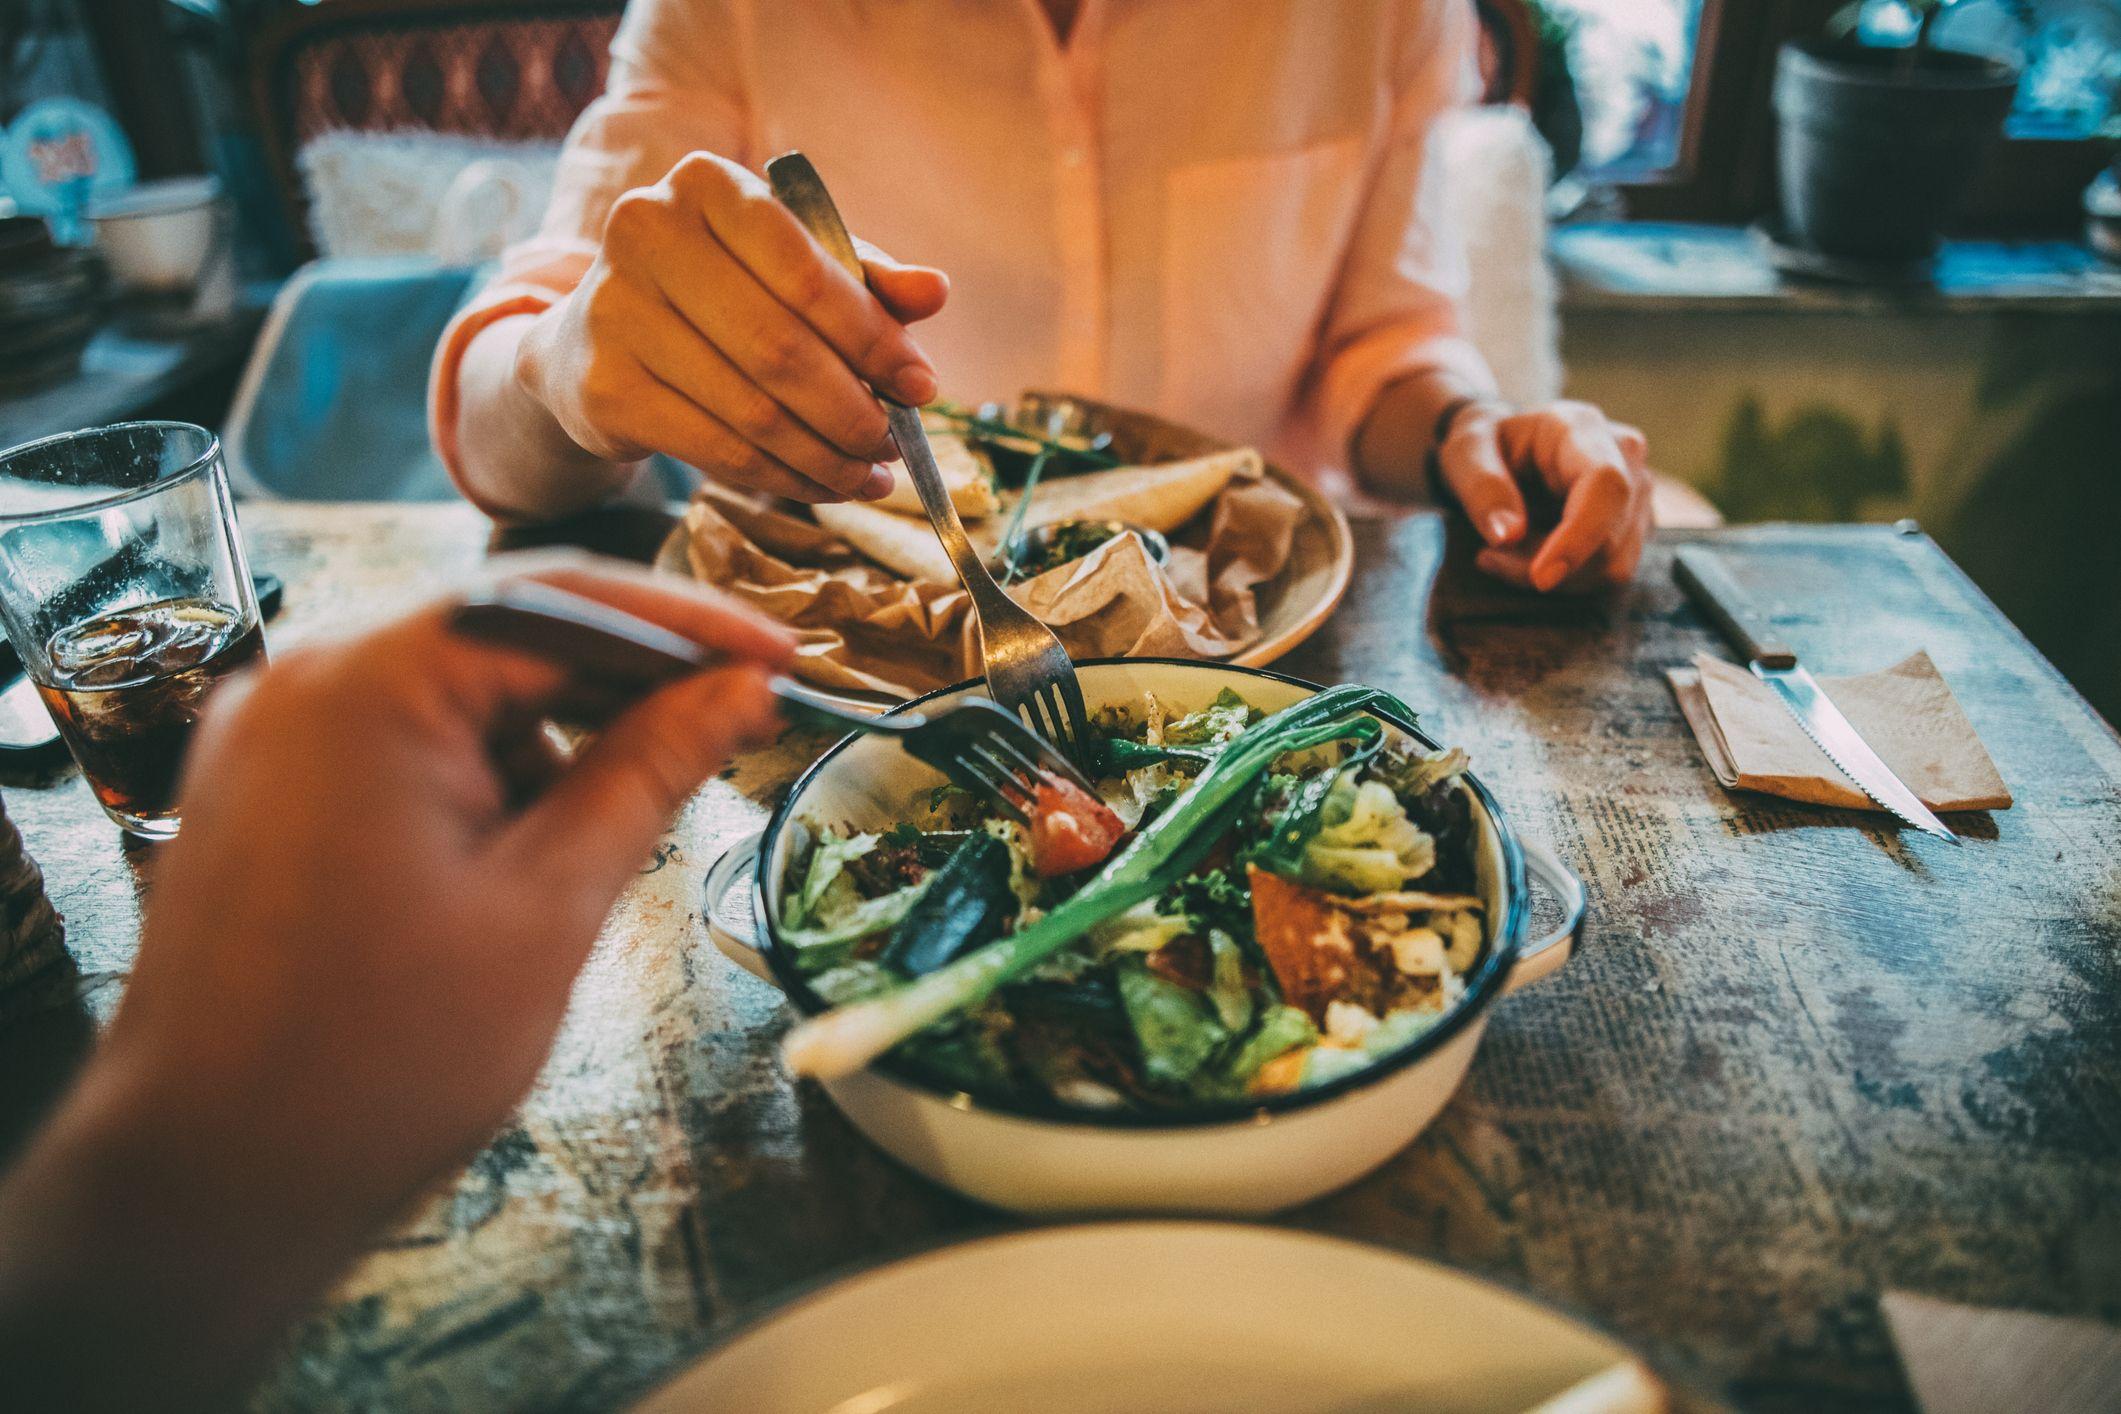 Dieta alea en que consiste